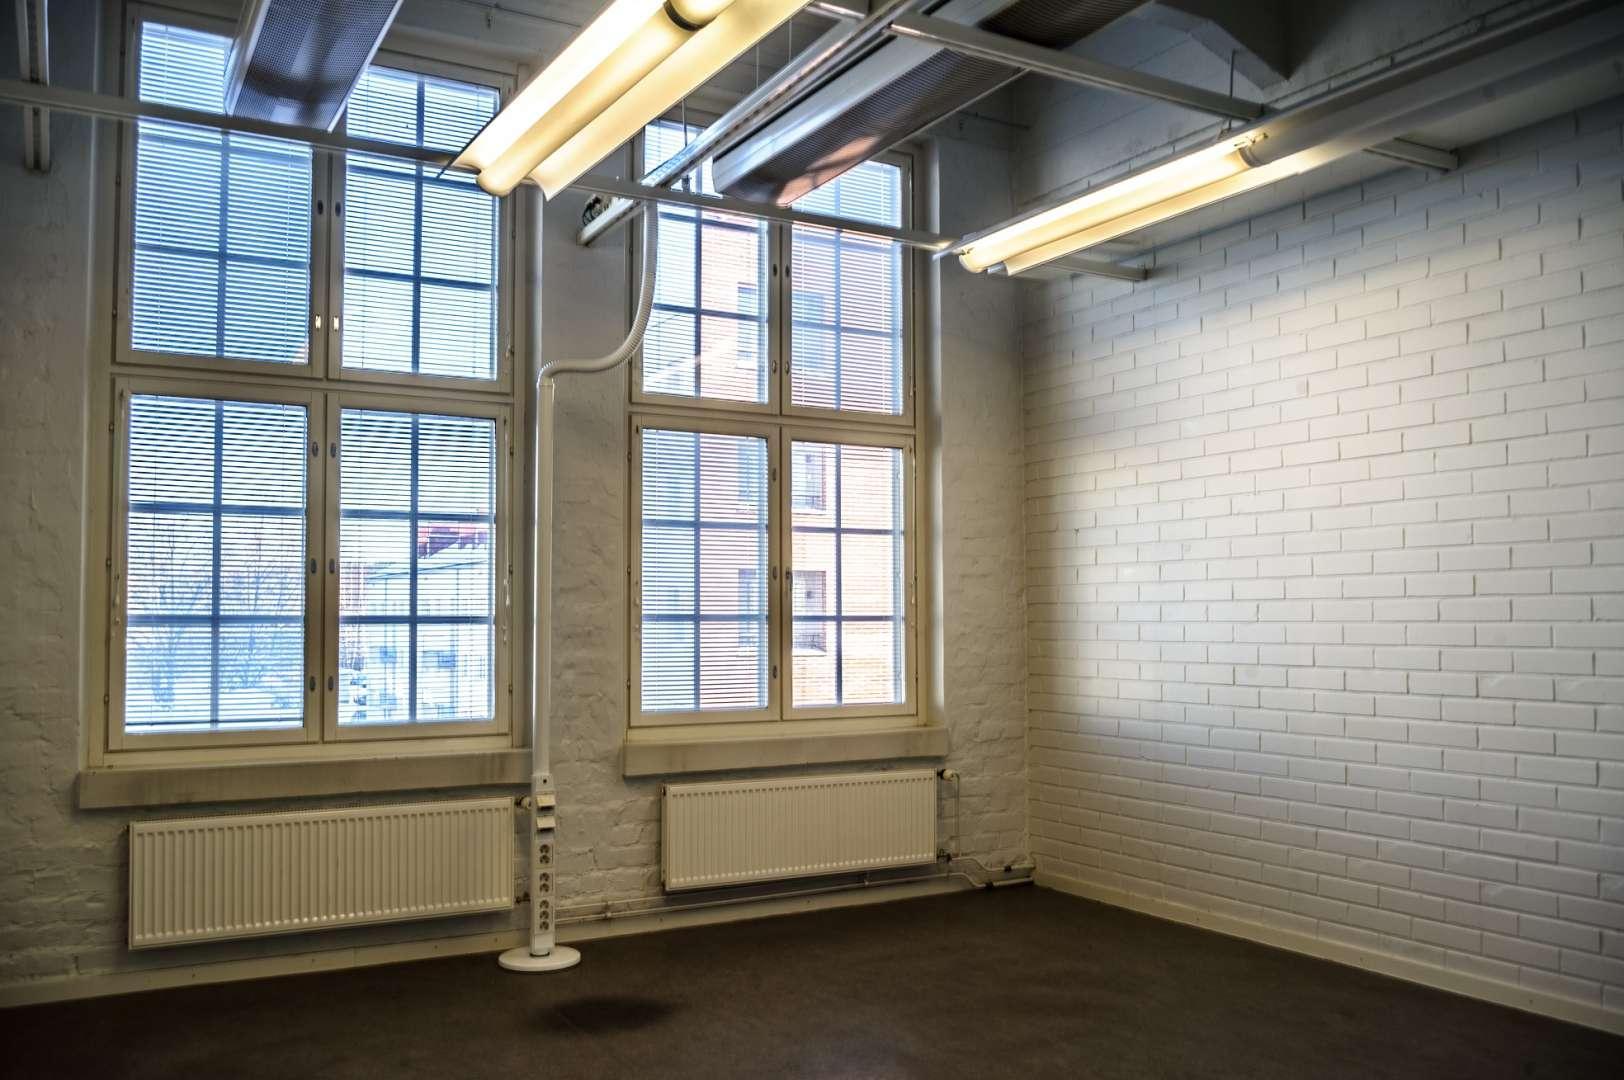 Kivääritehtaankatu 6 JYVÄSKYLÄ, 1475m2, 4. kerros, Toimistotila